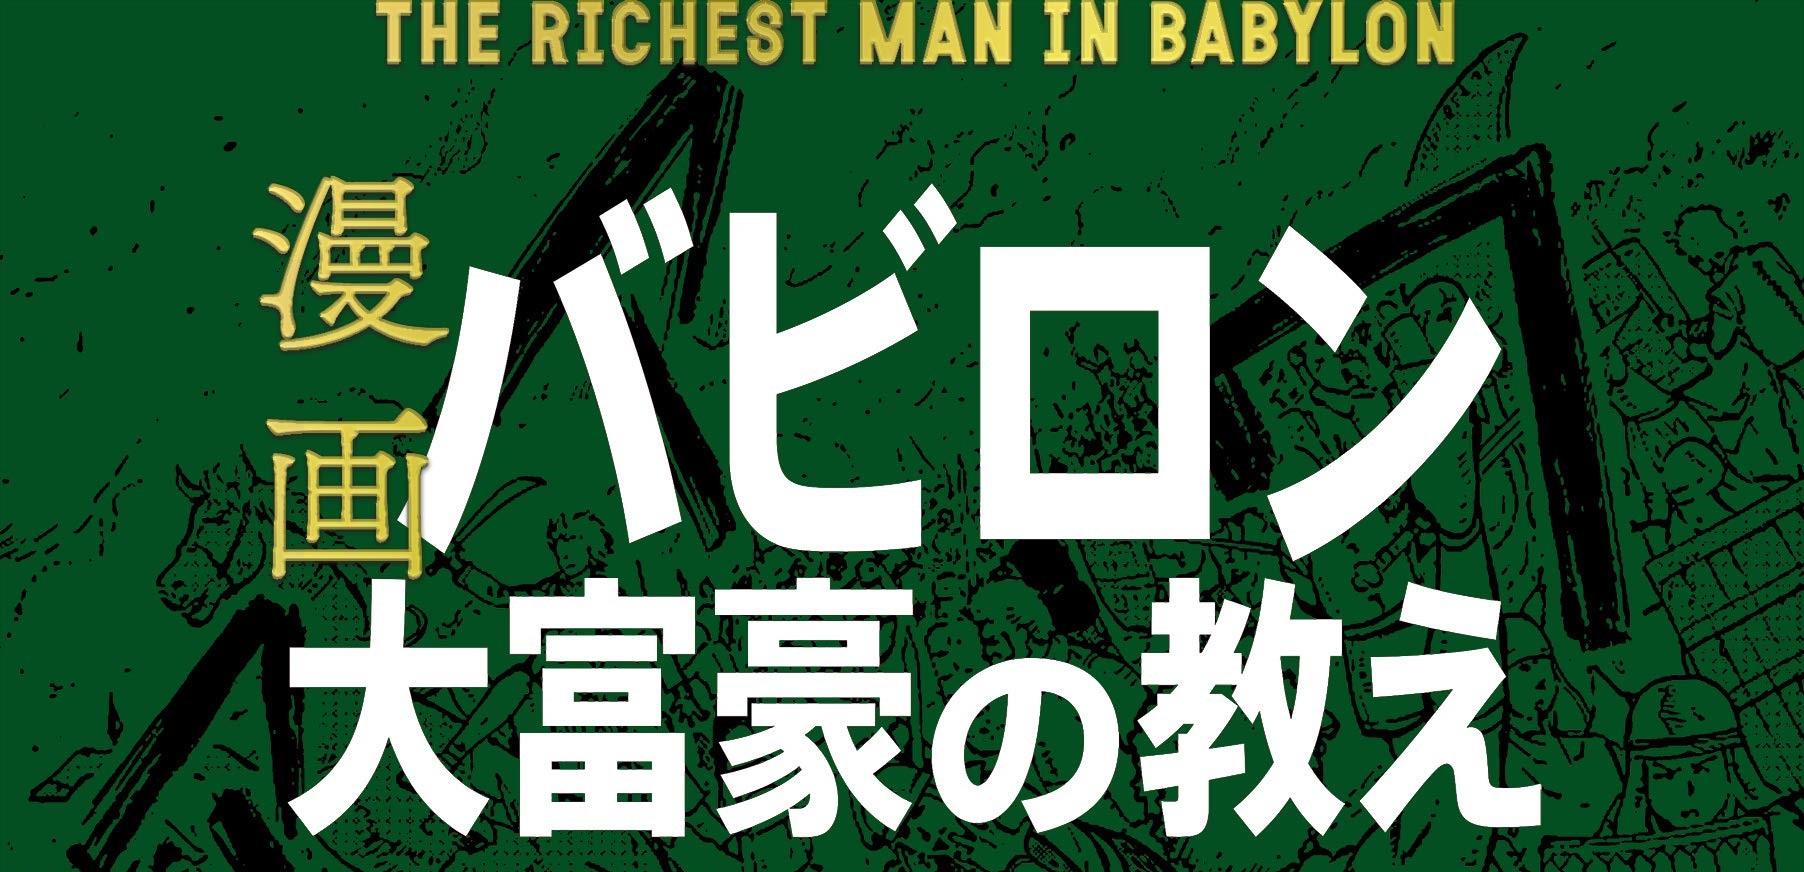 【読書レビュー】バビロン大富豪の教え【100年読み継がれた名著】